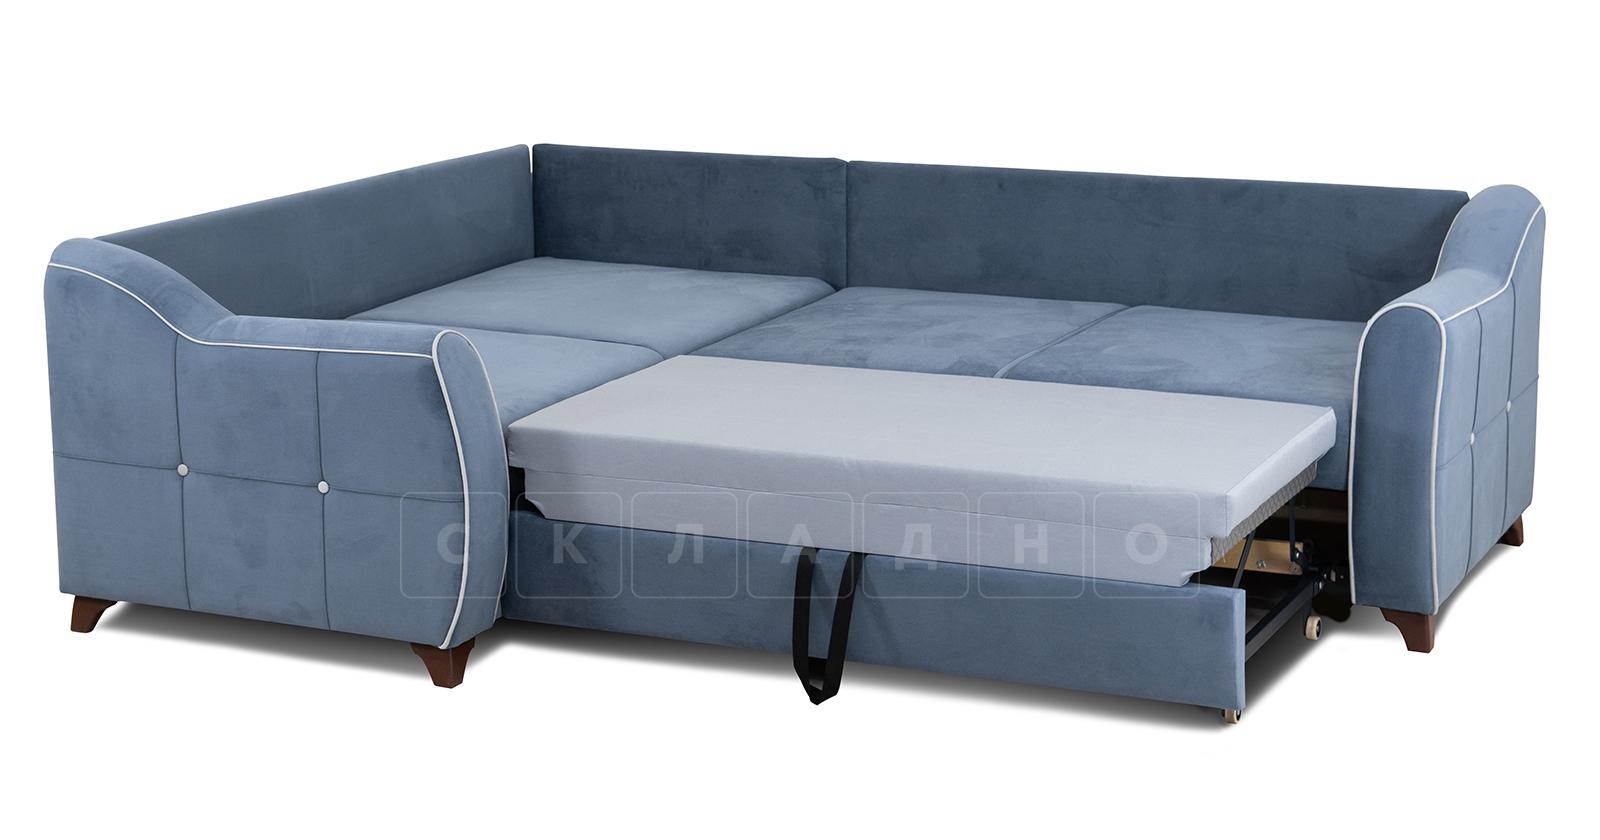 Диван-кровать угловой Флэтфорд серо-синий фото 6 | интернет-магазин Складно